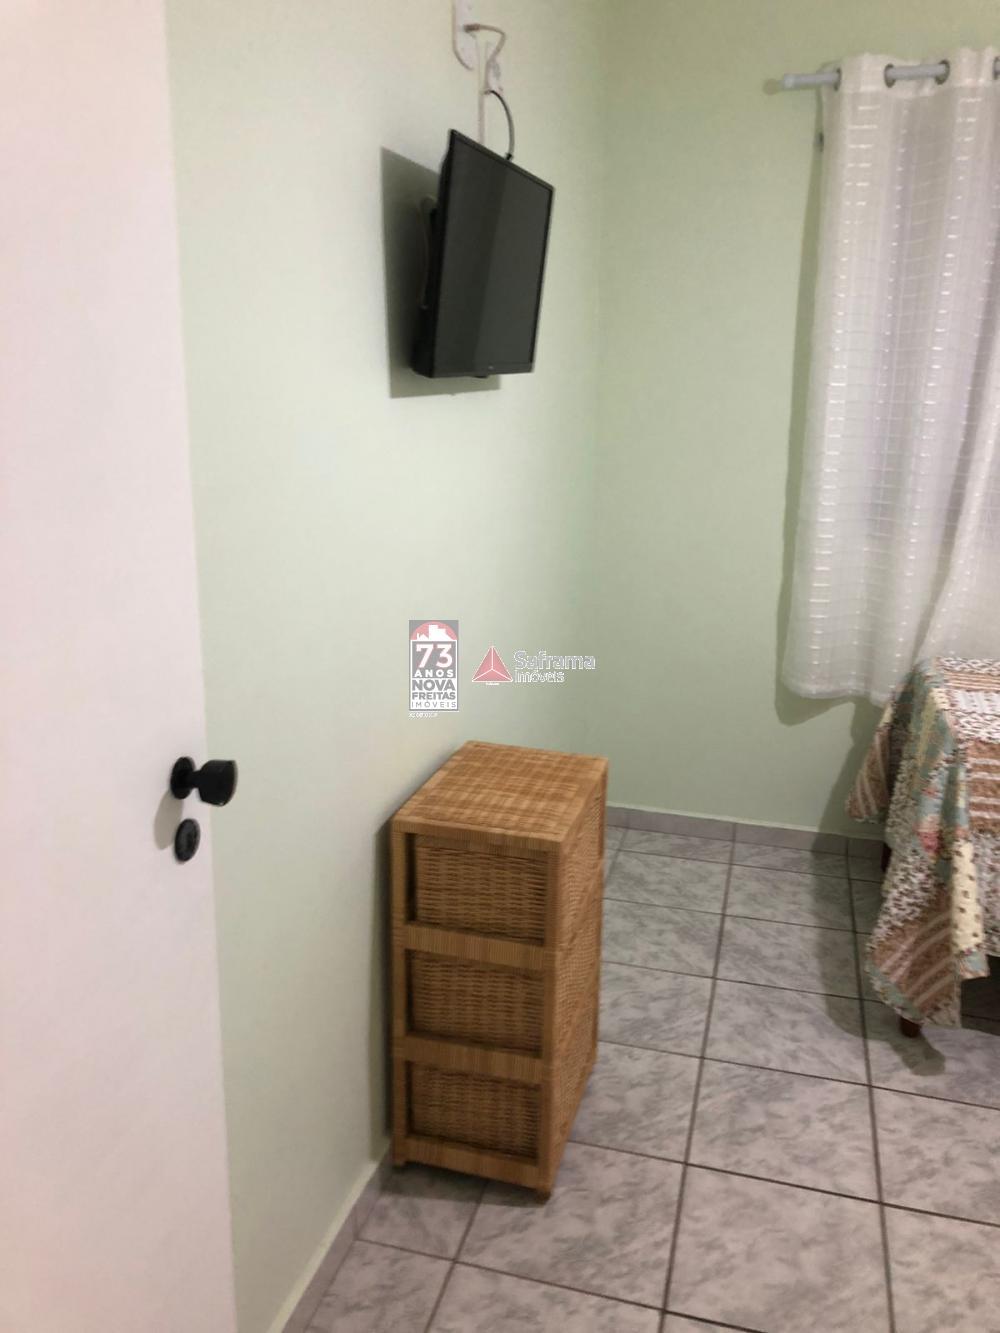 Comprar Apartamento / Padrão em Caraguatatuba R$ 300.000,00 - Foto 10